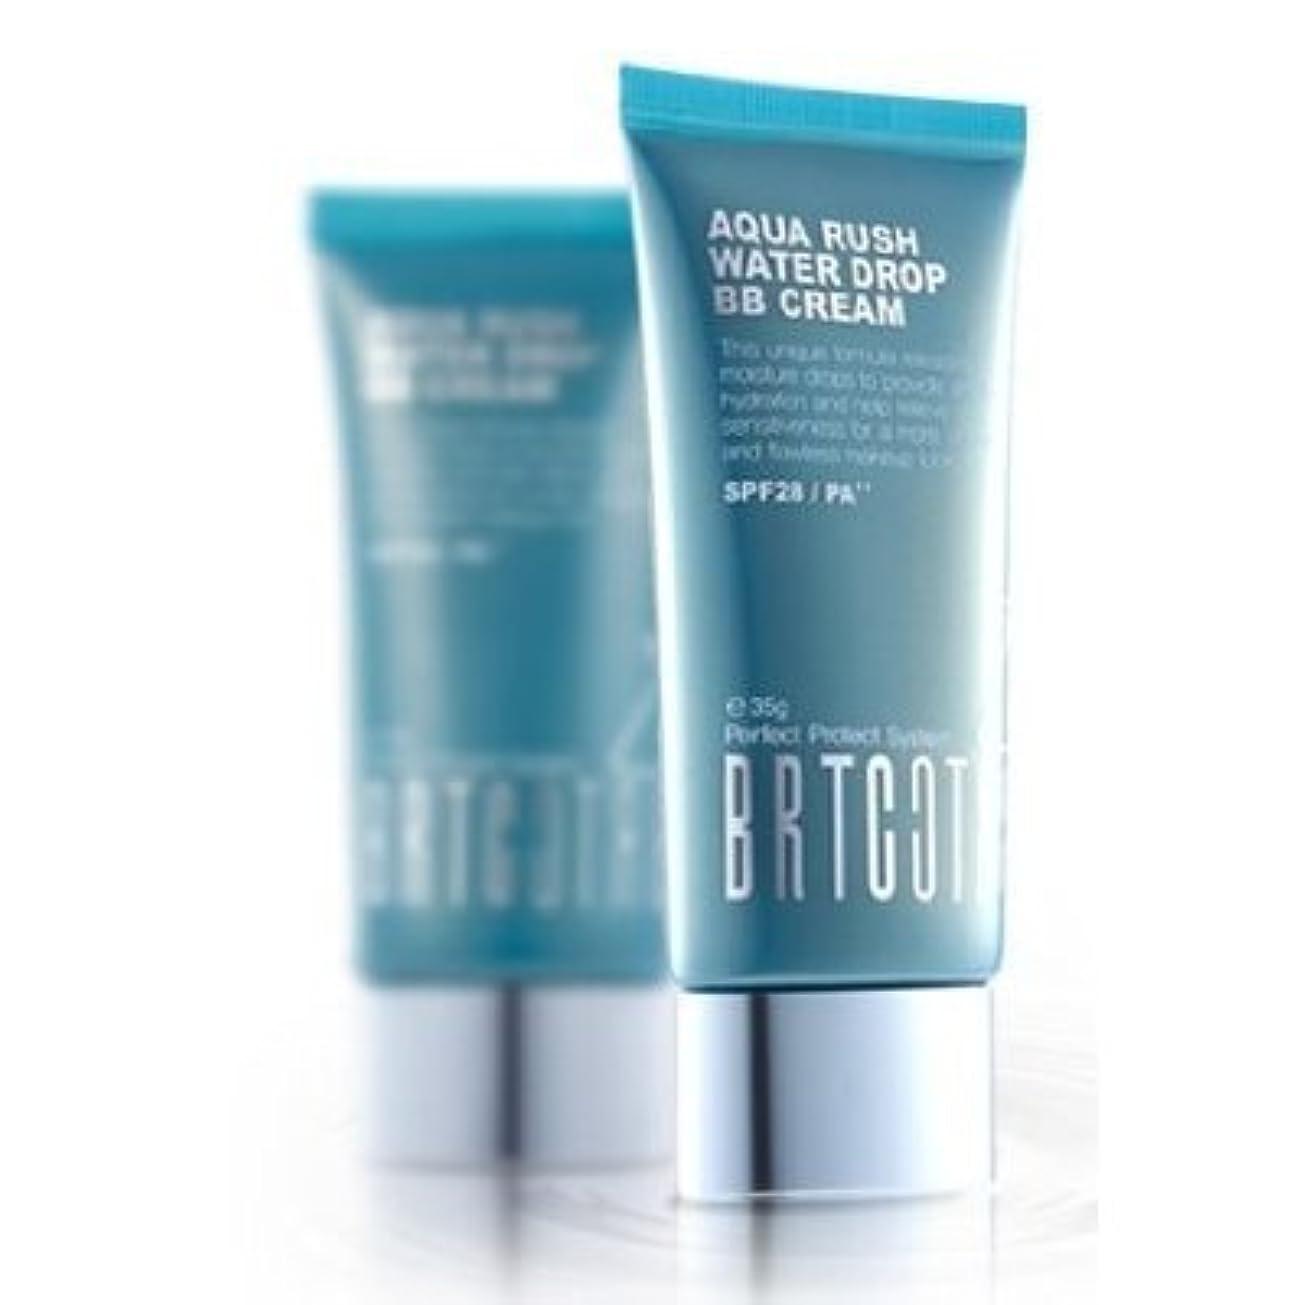 注釈更新する焦げKOREAN COSMETICS, BRTC, Aqua Rush Water Drop BB Cream 60g (intensive moisturizing, skin tone correction, UV protection...